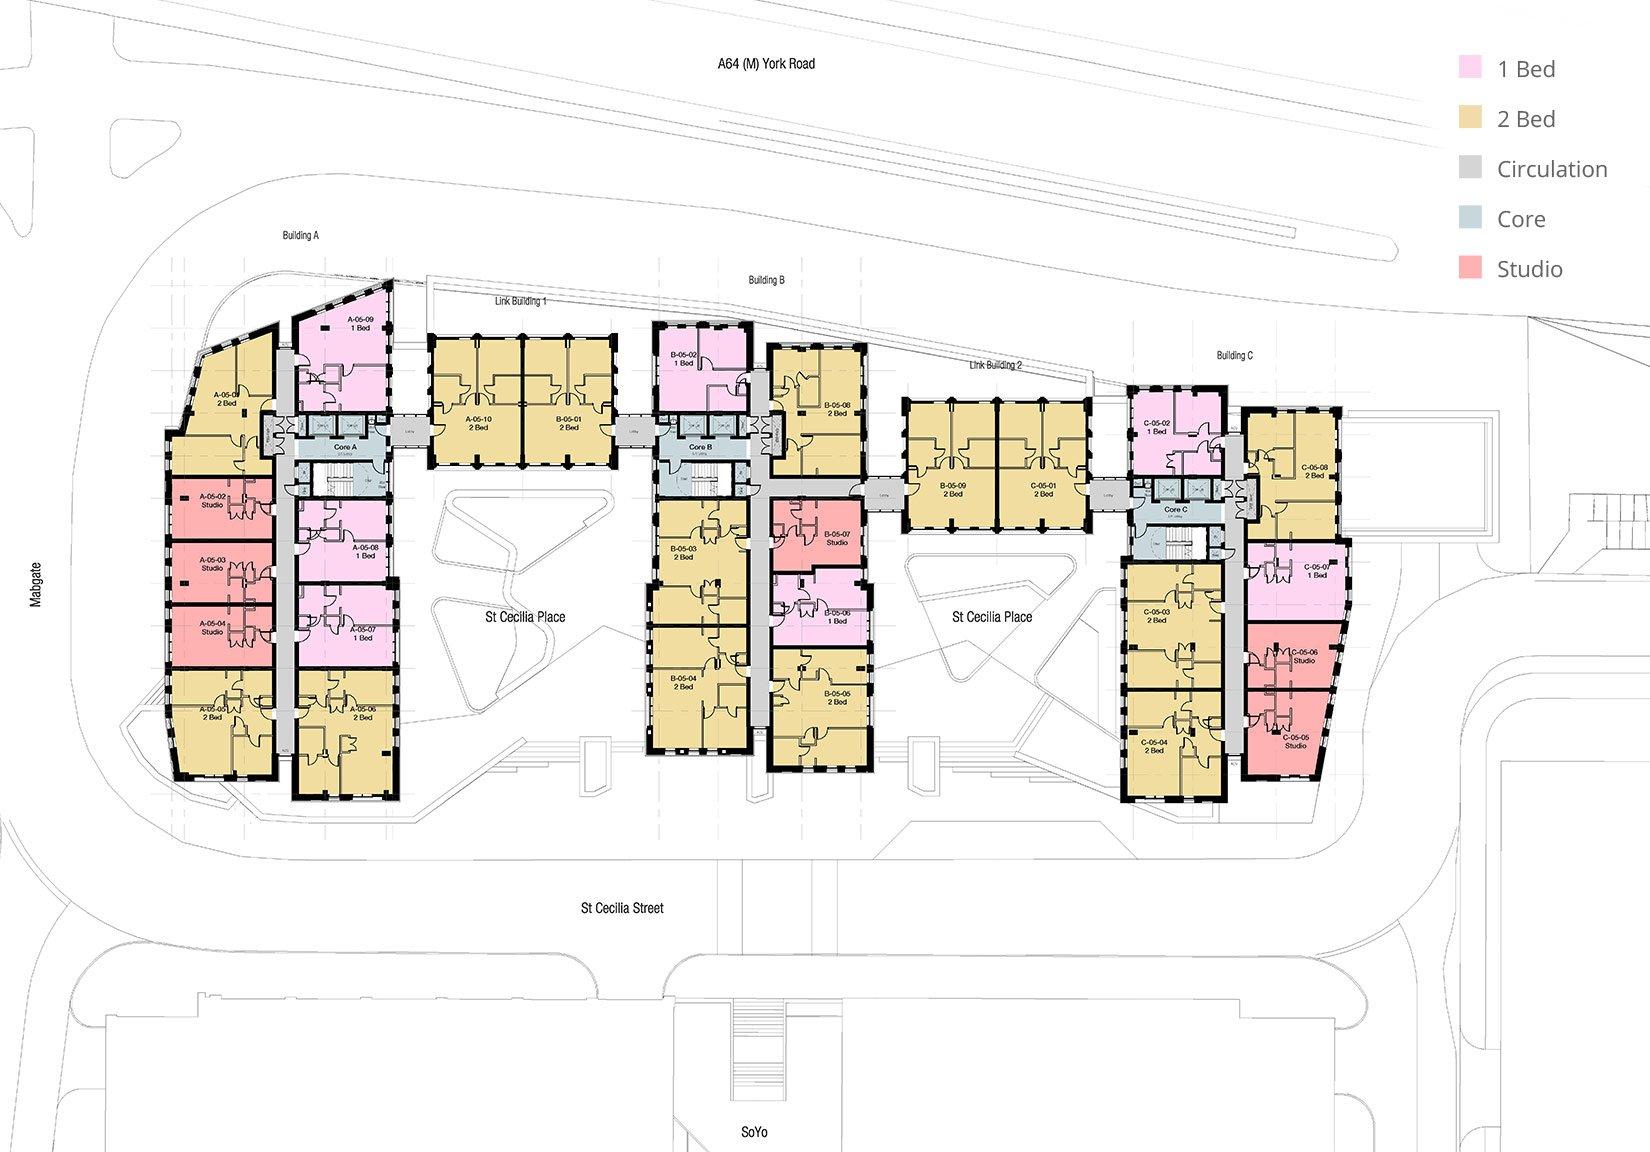 St Cecilia Place, Quarry Hill, Leeds, Floor Plan